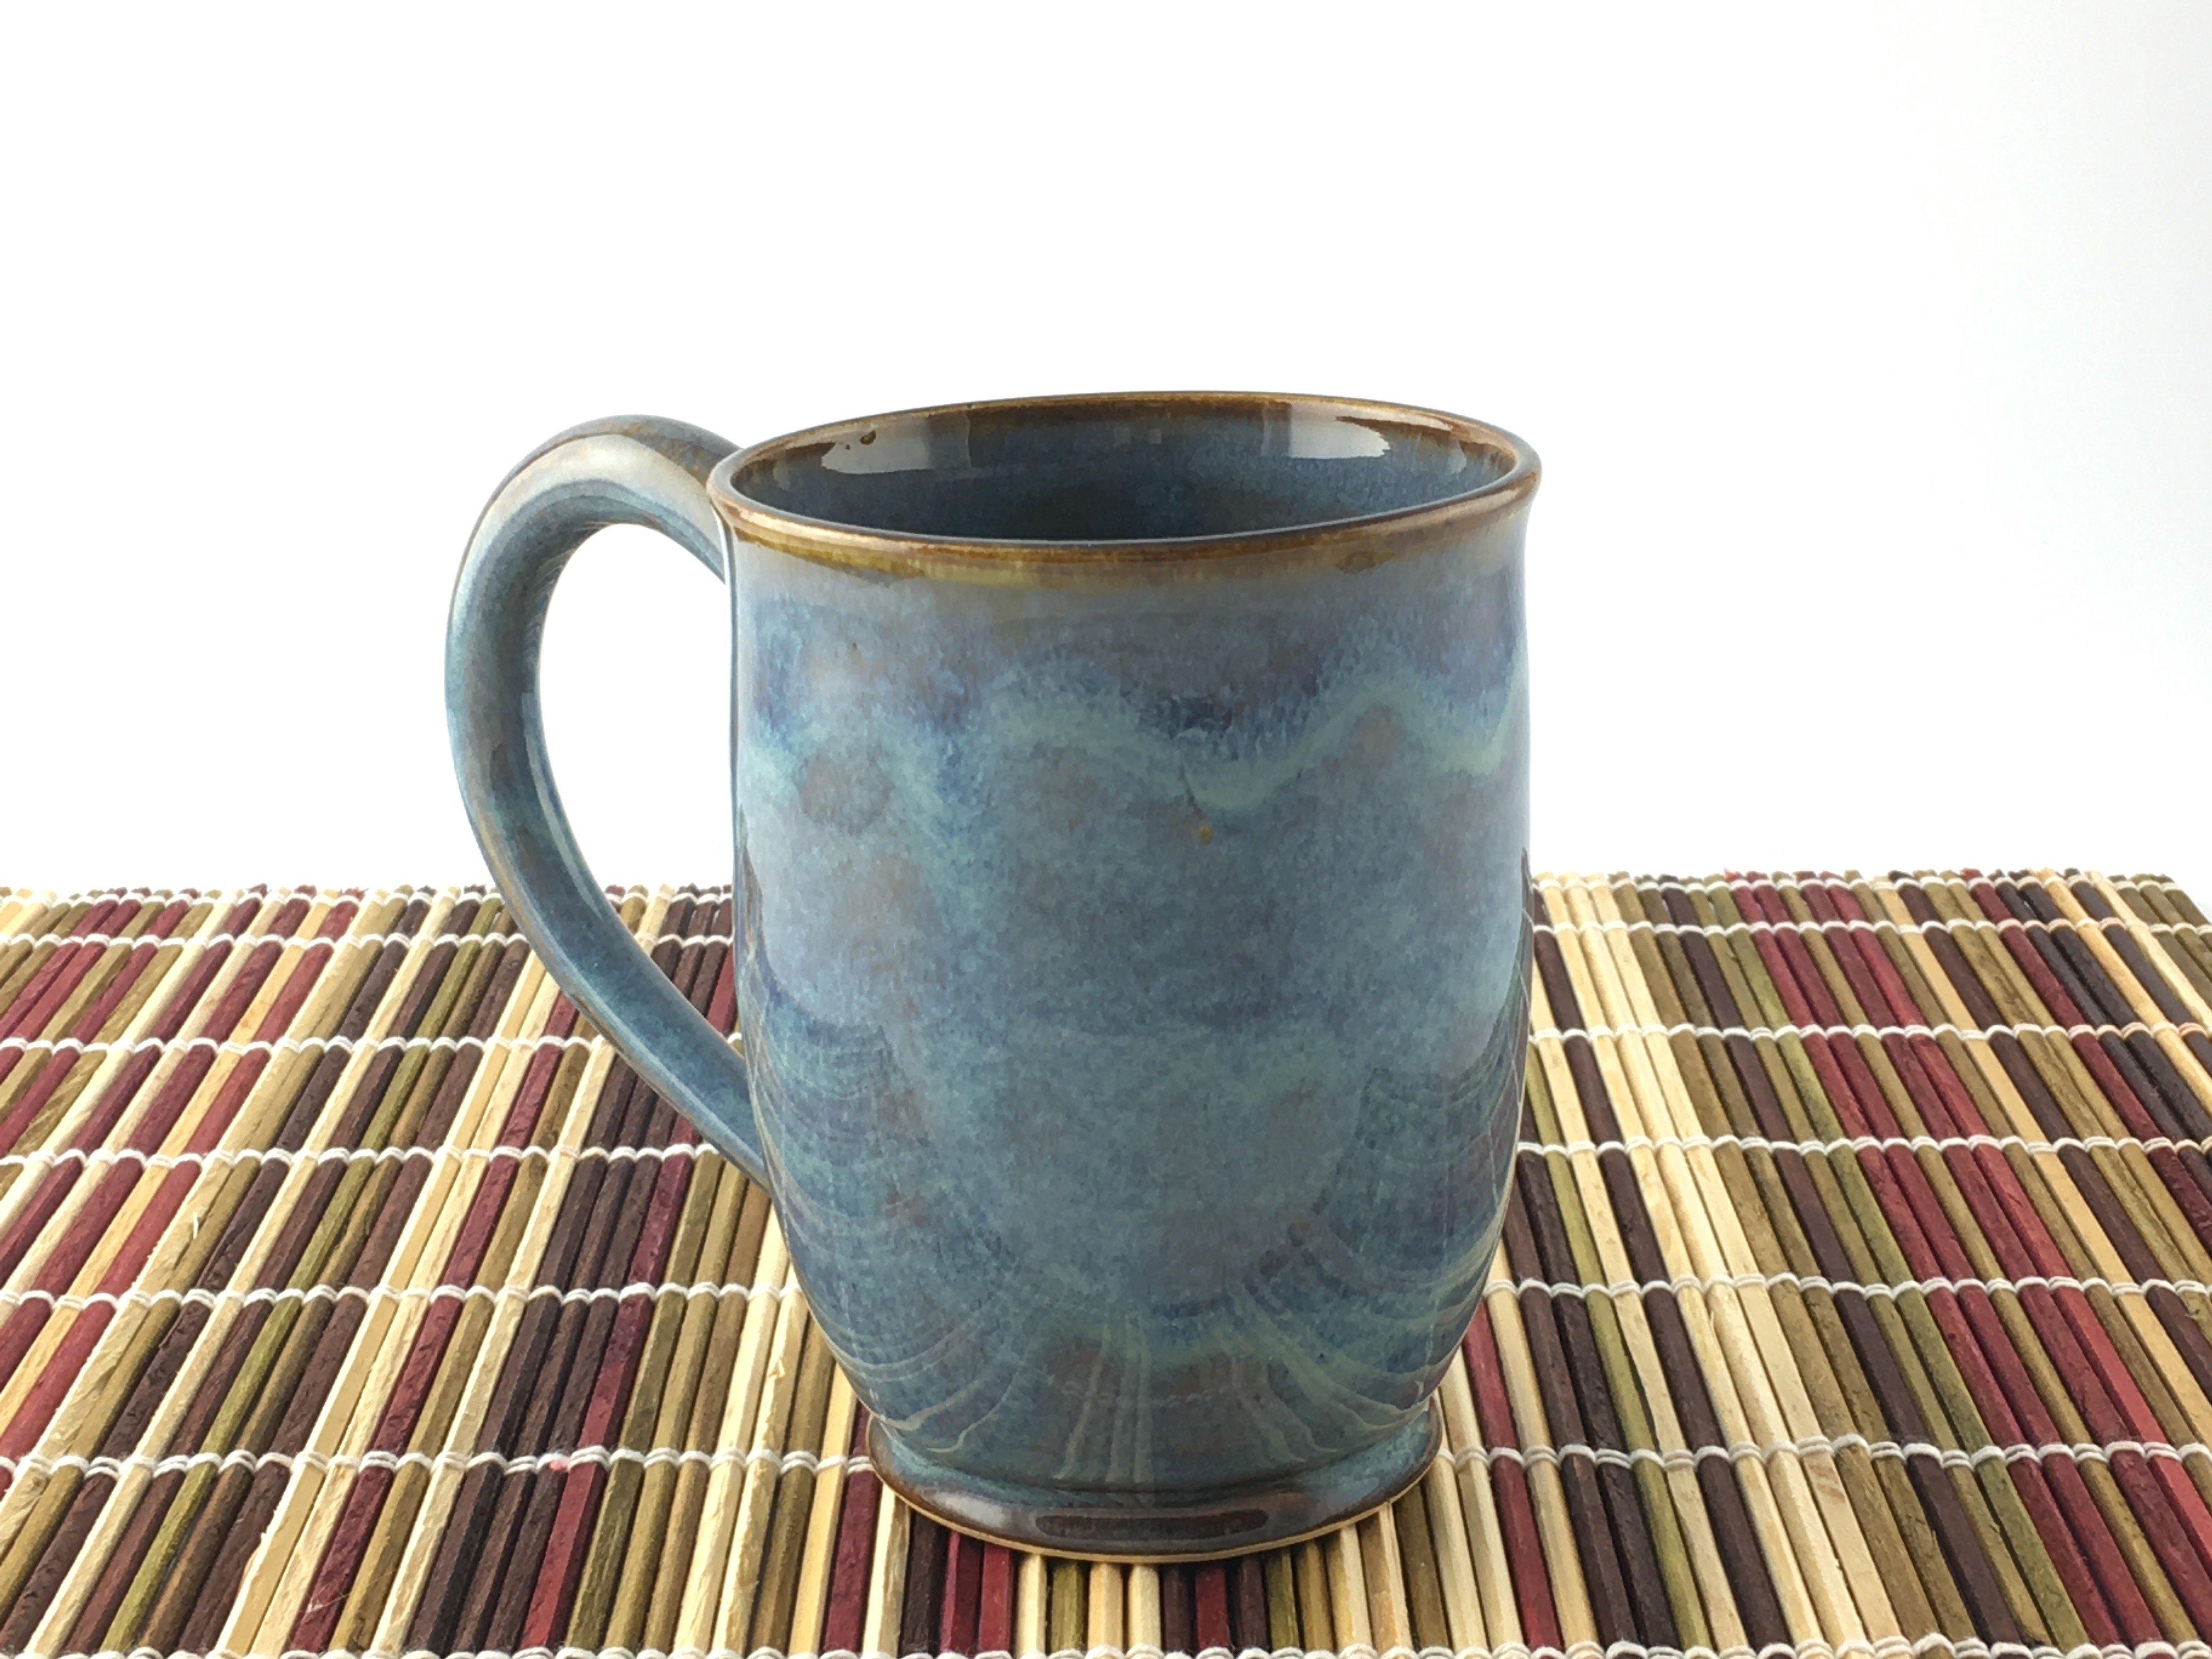 Large Mug 16 oz Capacity